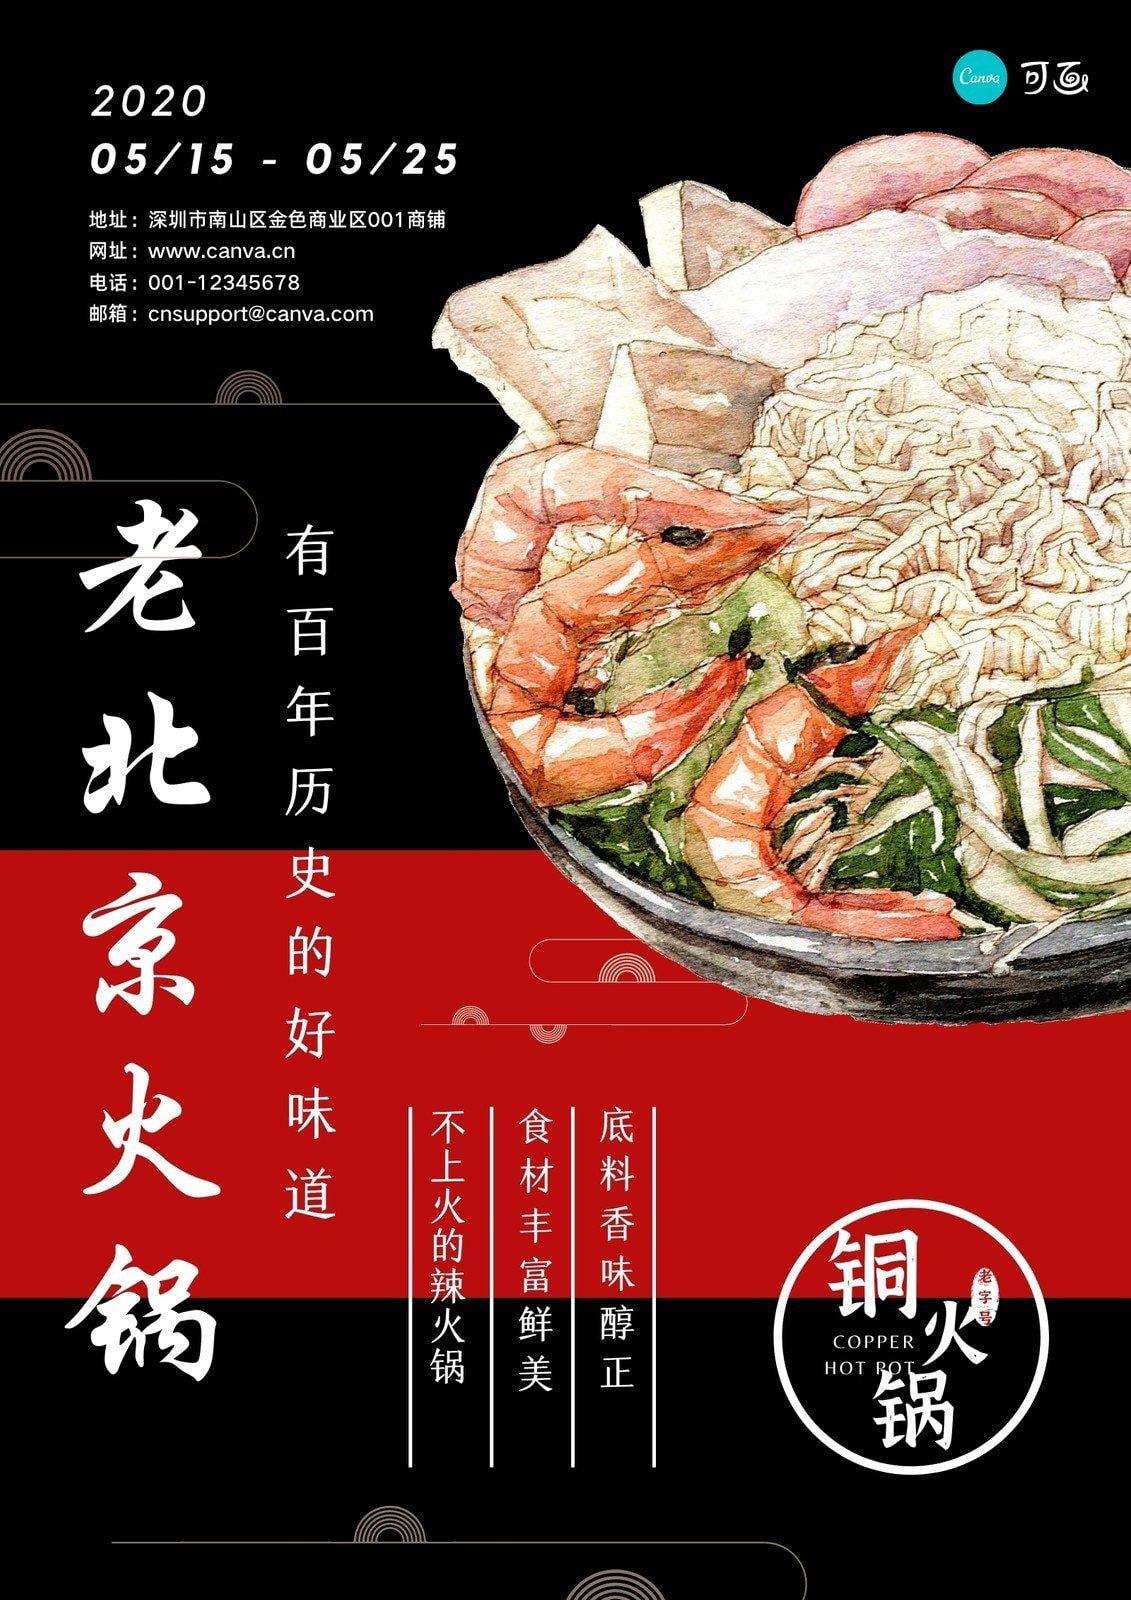 黑红色火锅插画中式餐饮促销中文海报